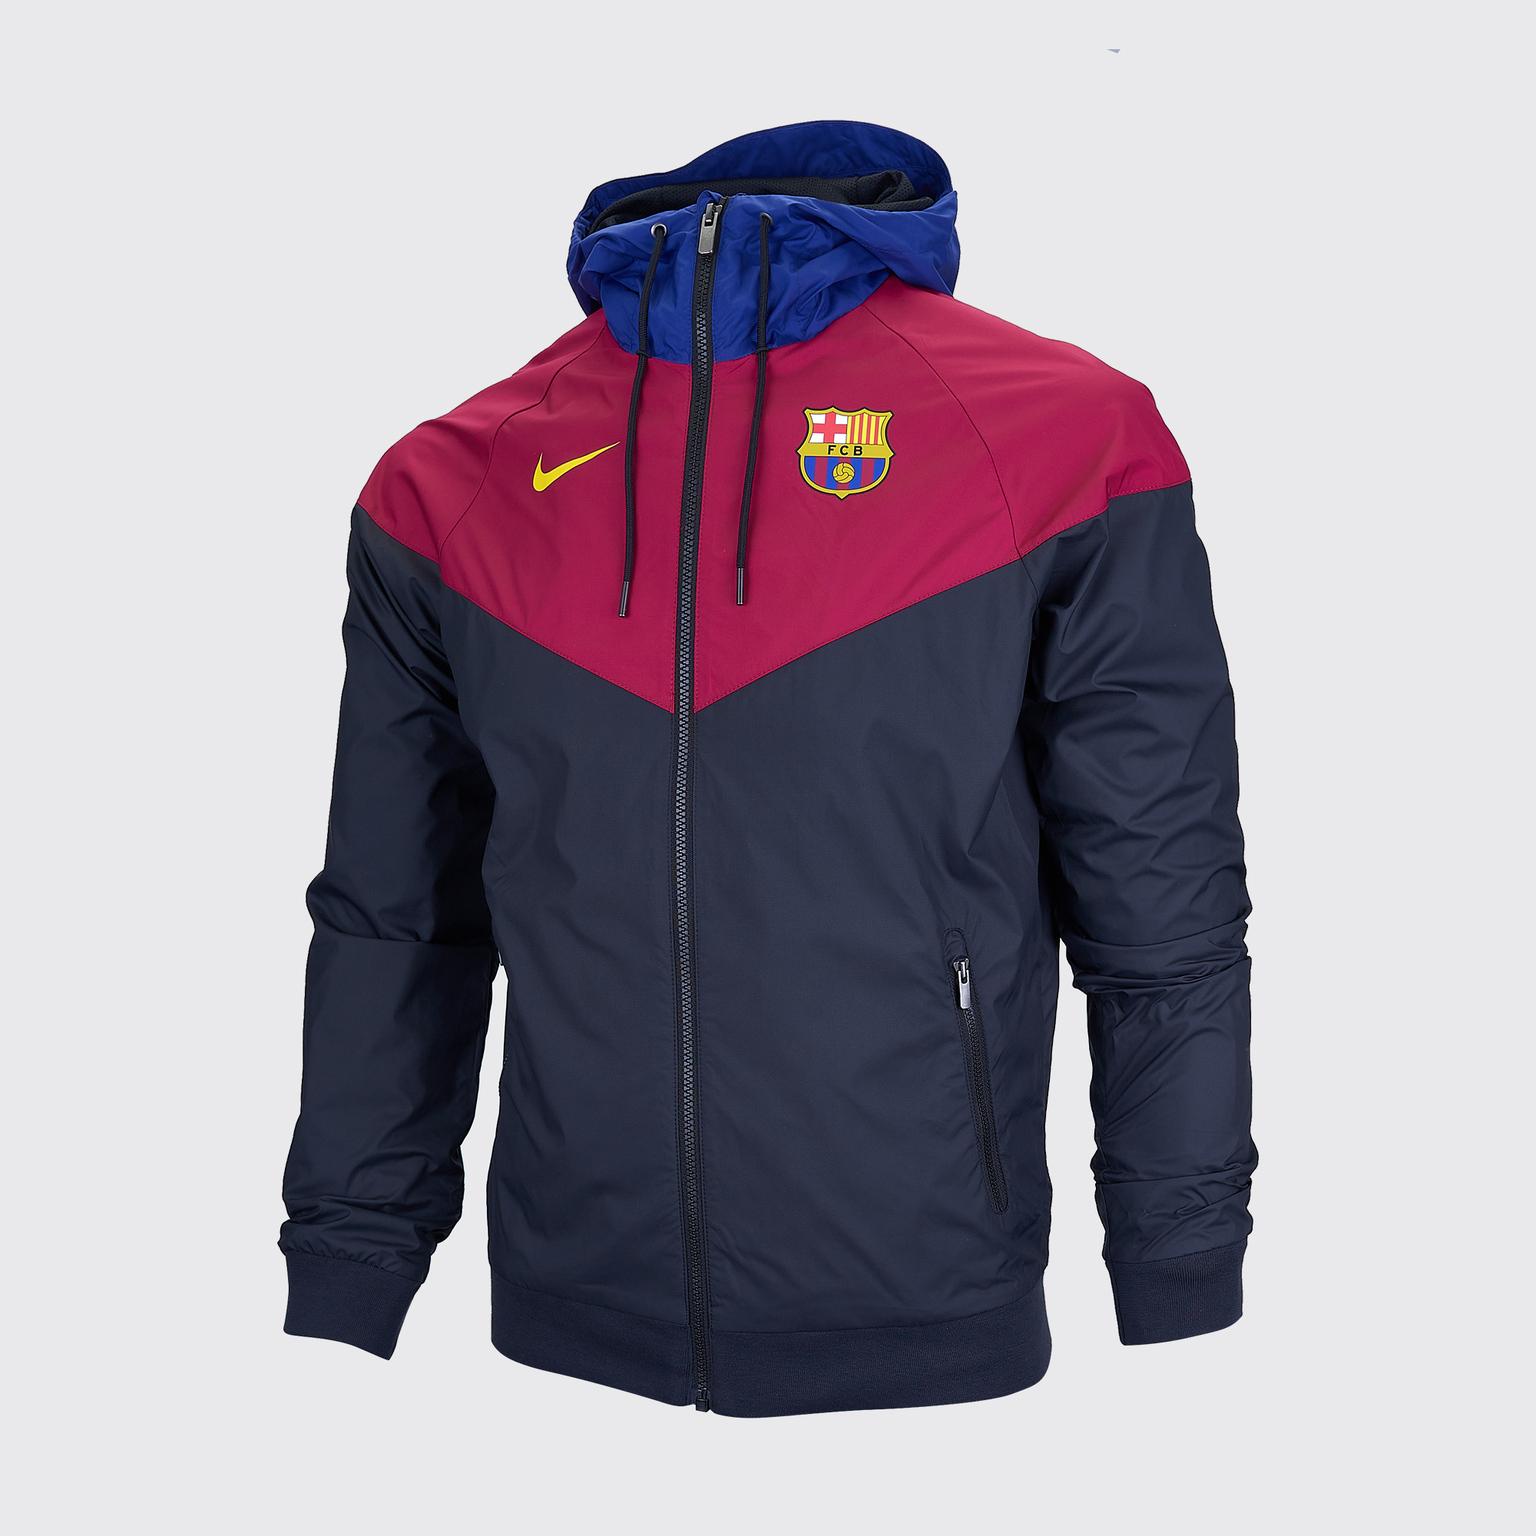 цена Ветровка Nike Barcelona сезон 2020/21 онлайн в 2017 году